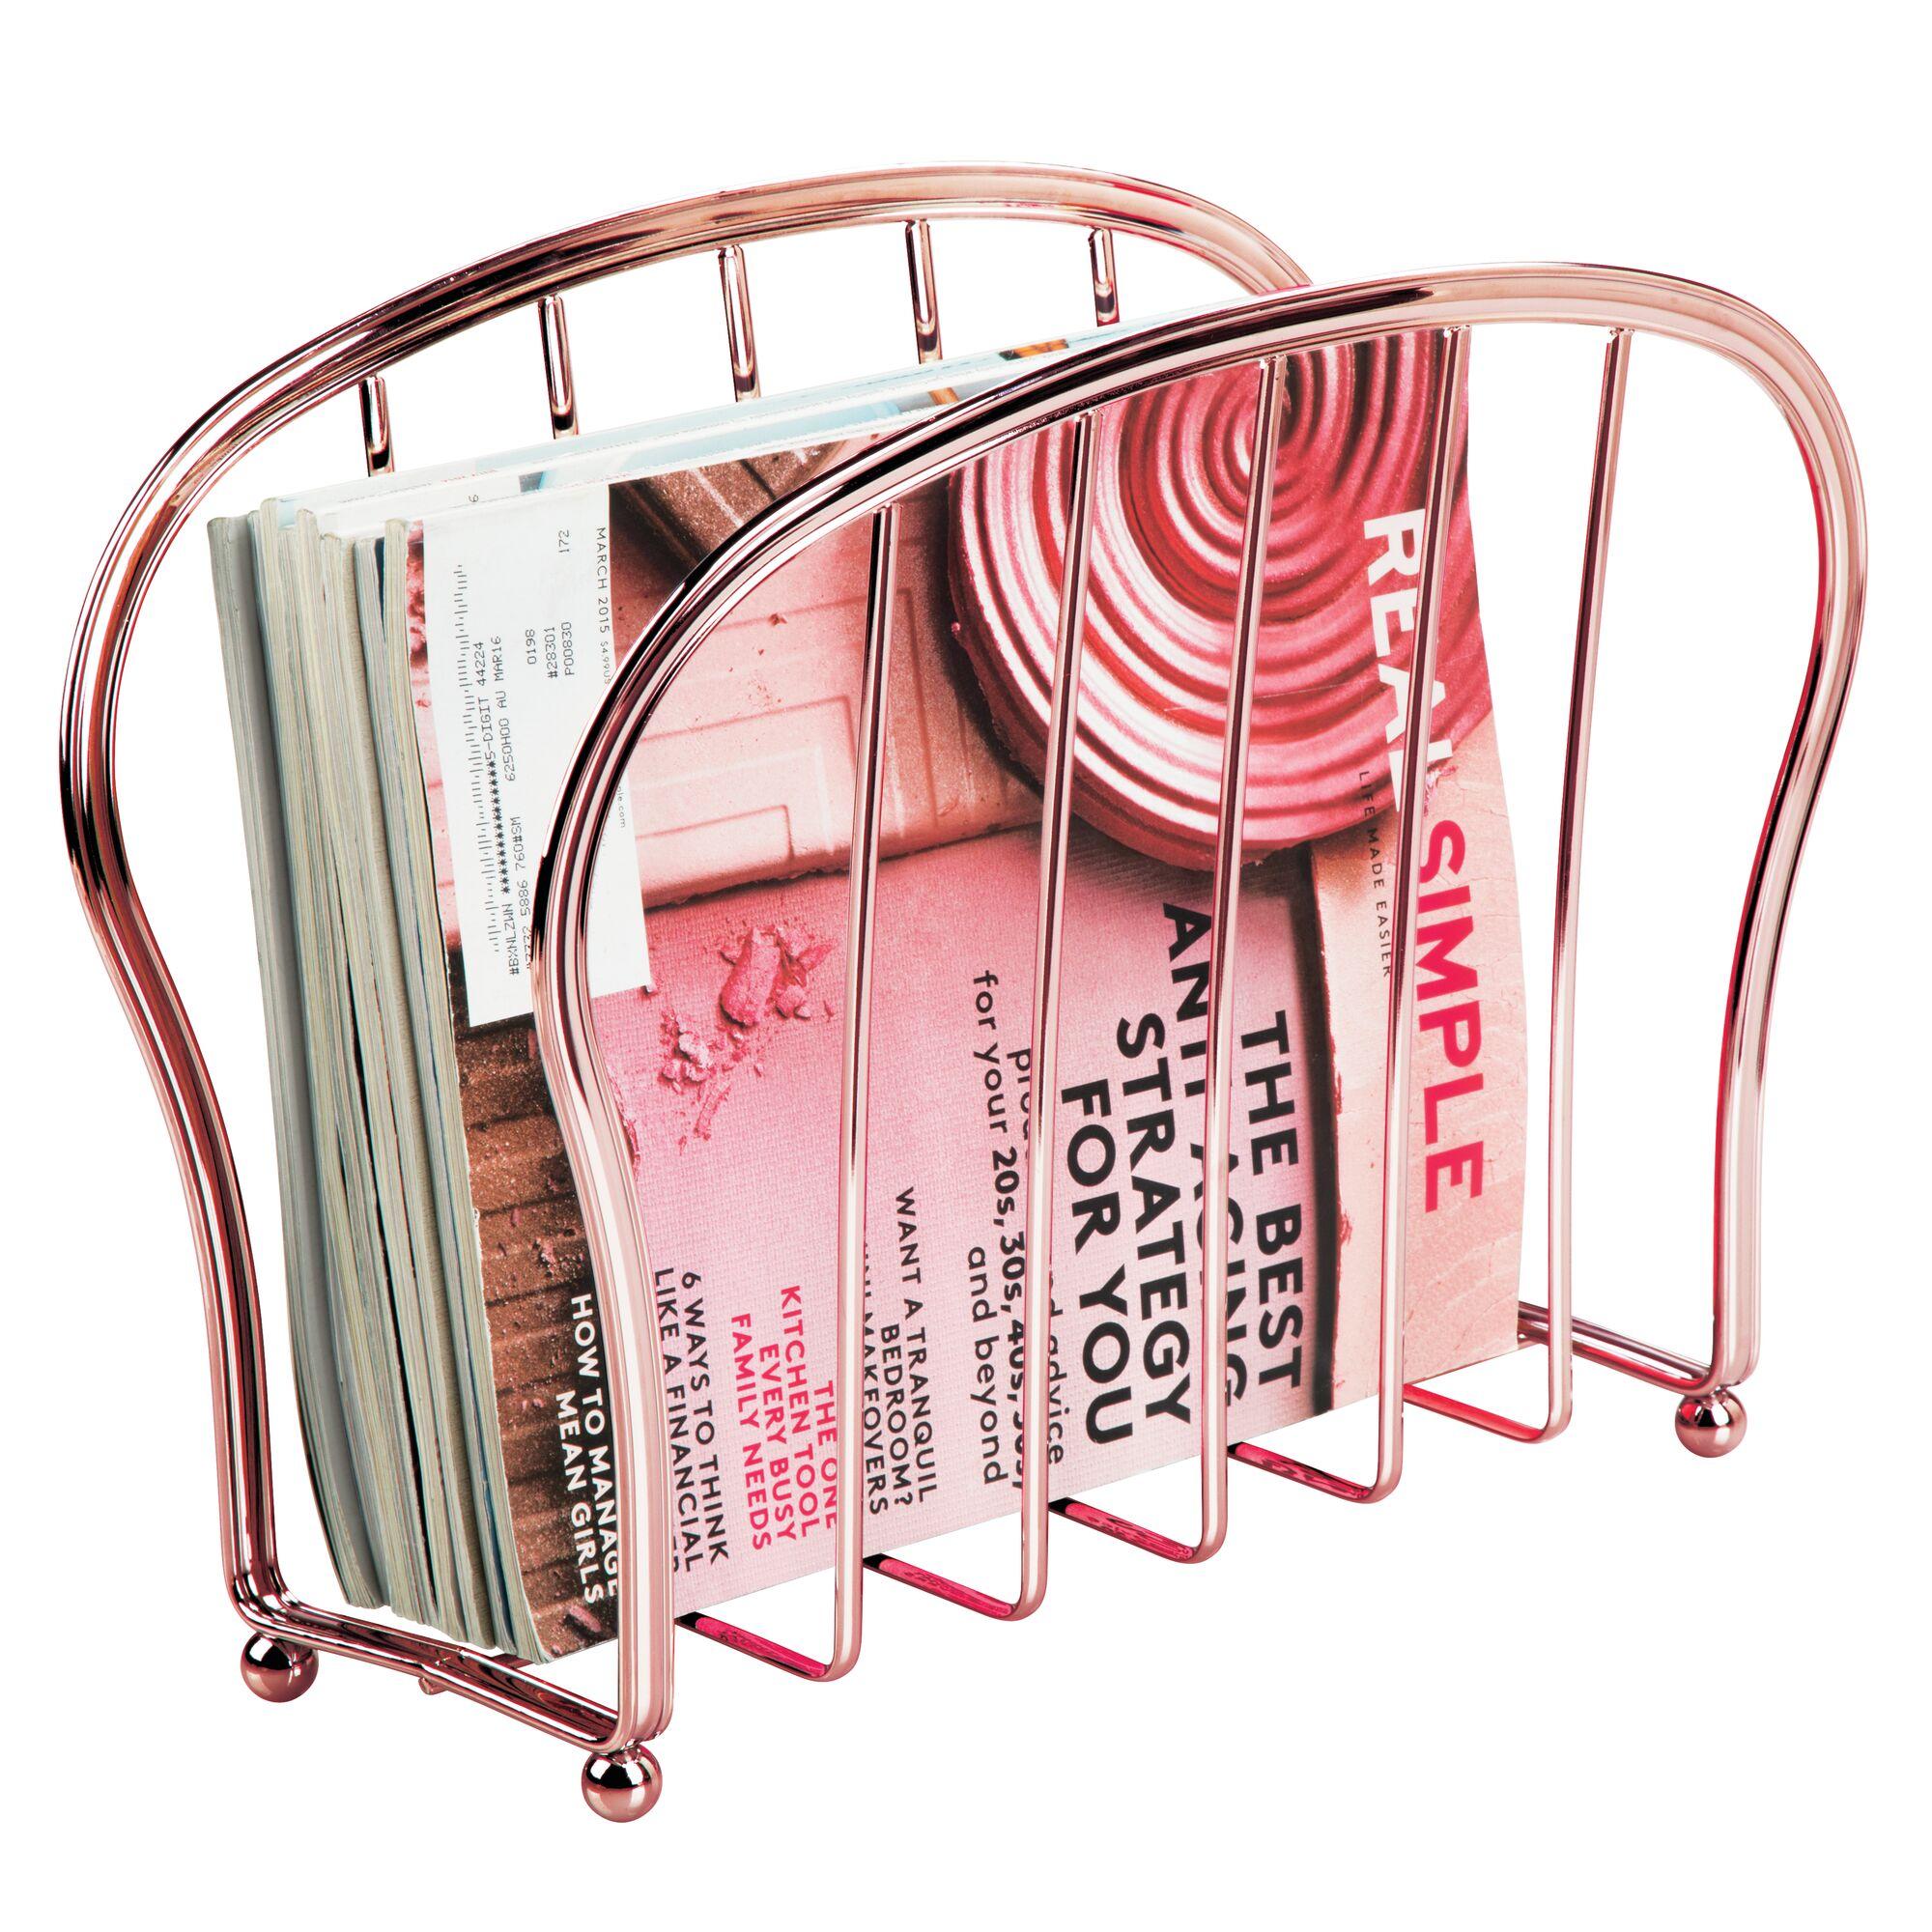 mDesign-Metal-Standing-Rack-Magazine-Holder-for-Bathroom thumbnail 55